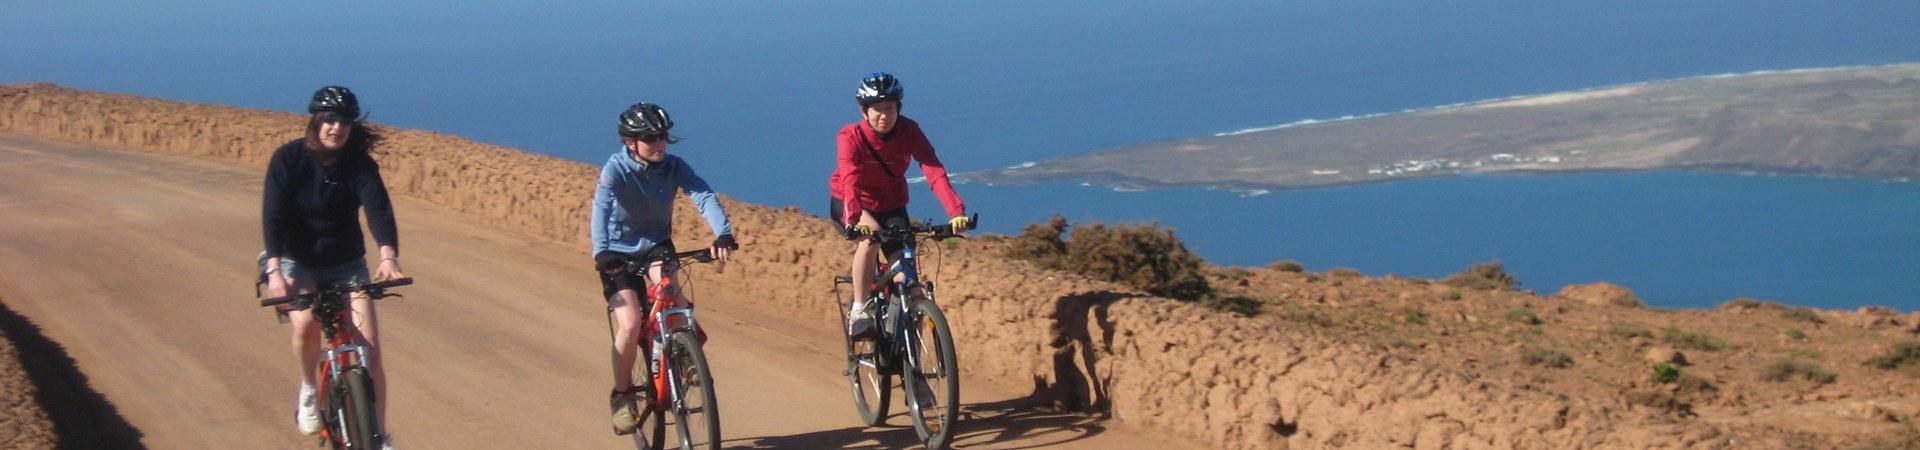 Radreise Lanzarote individuell